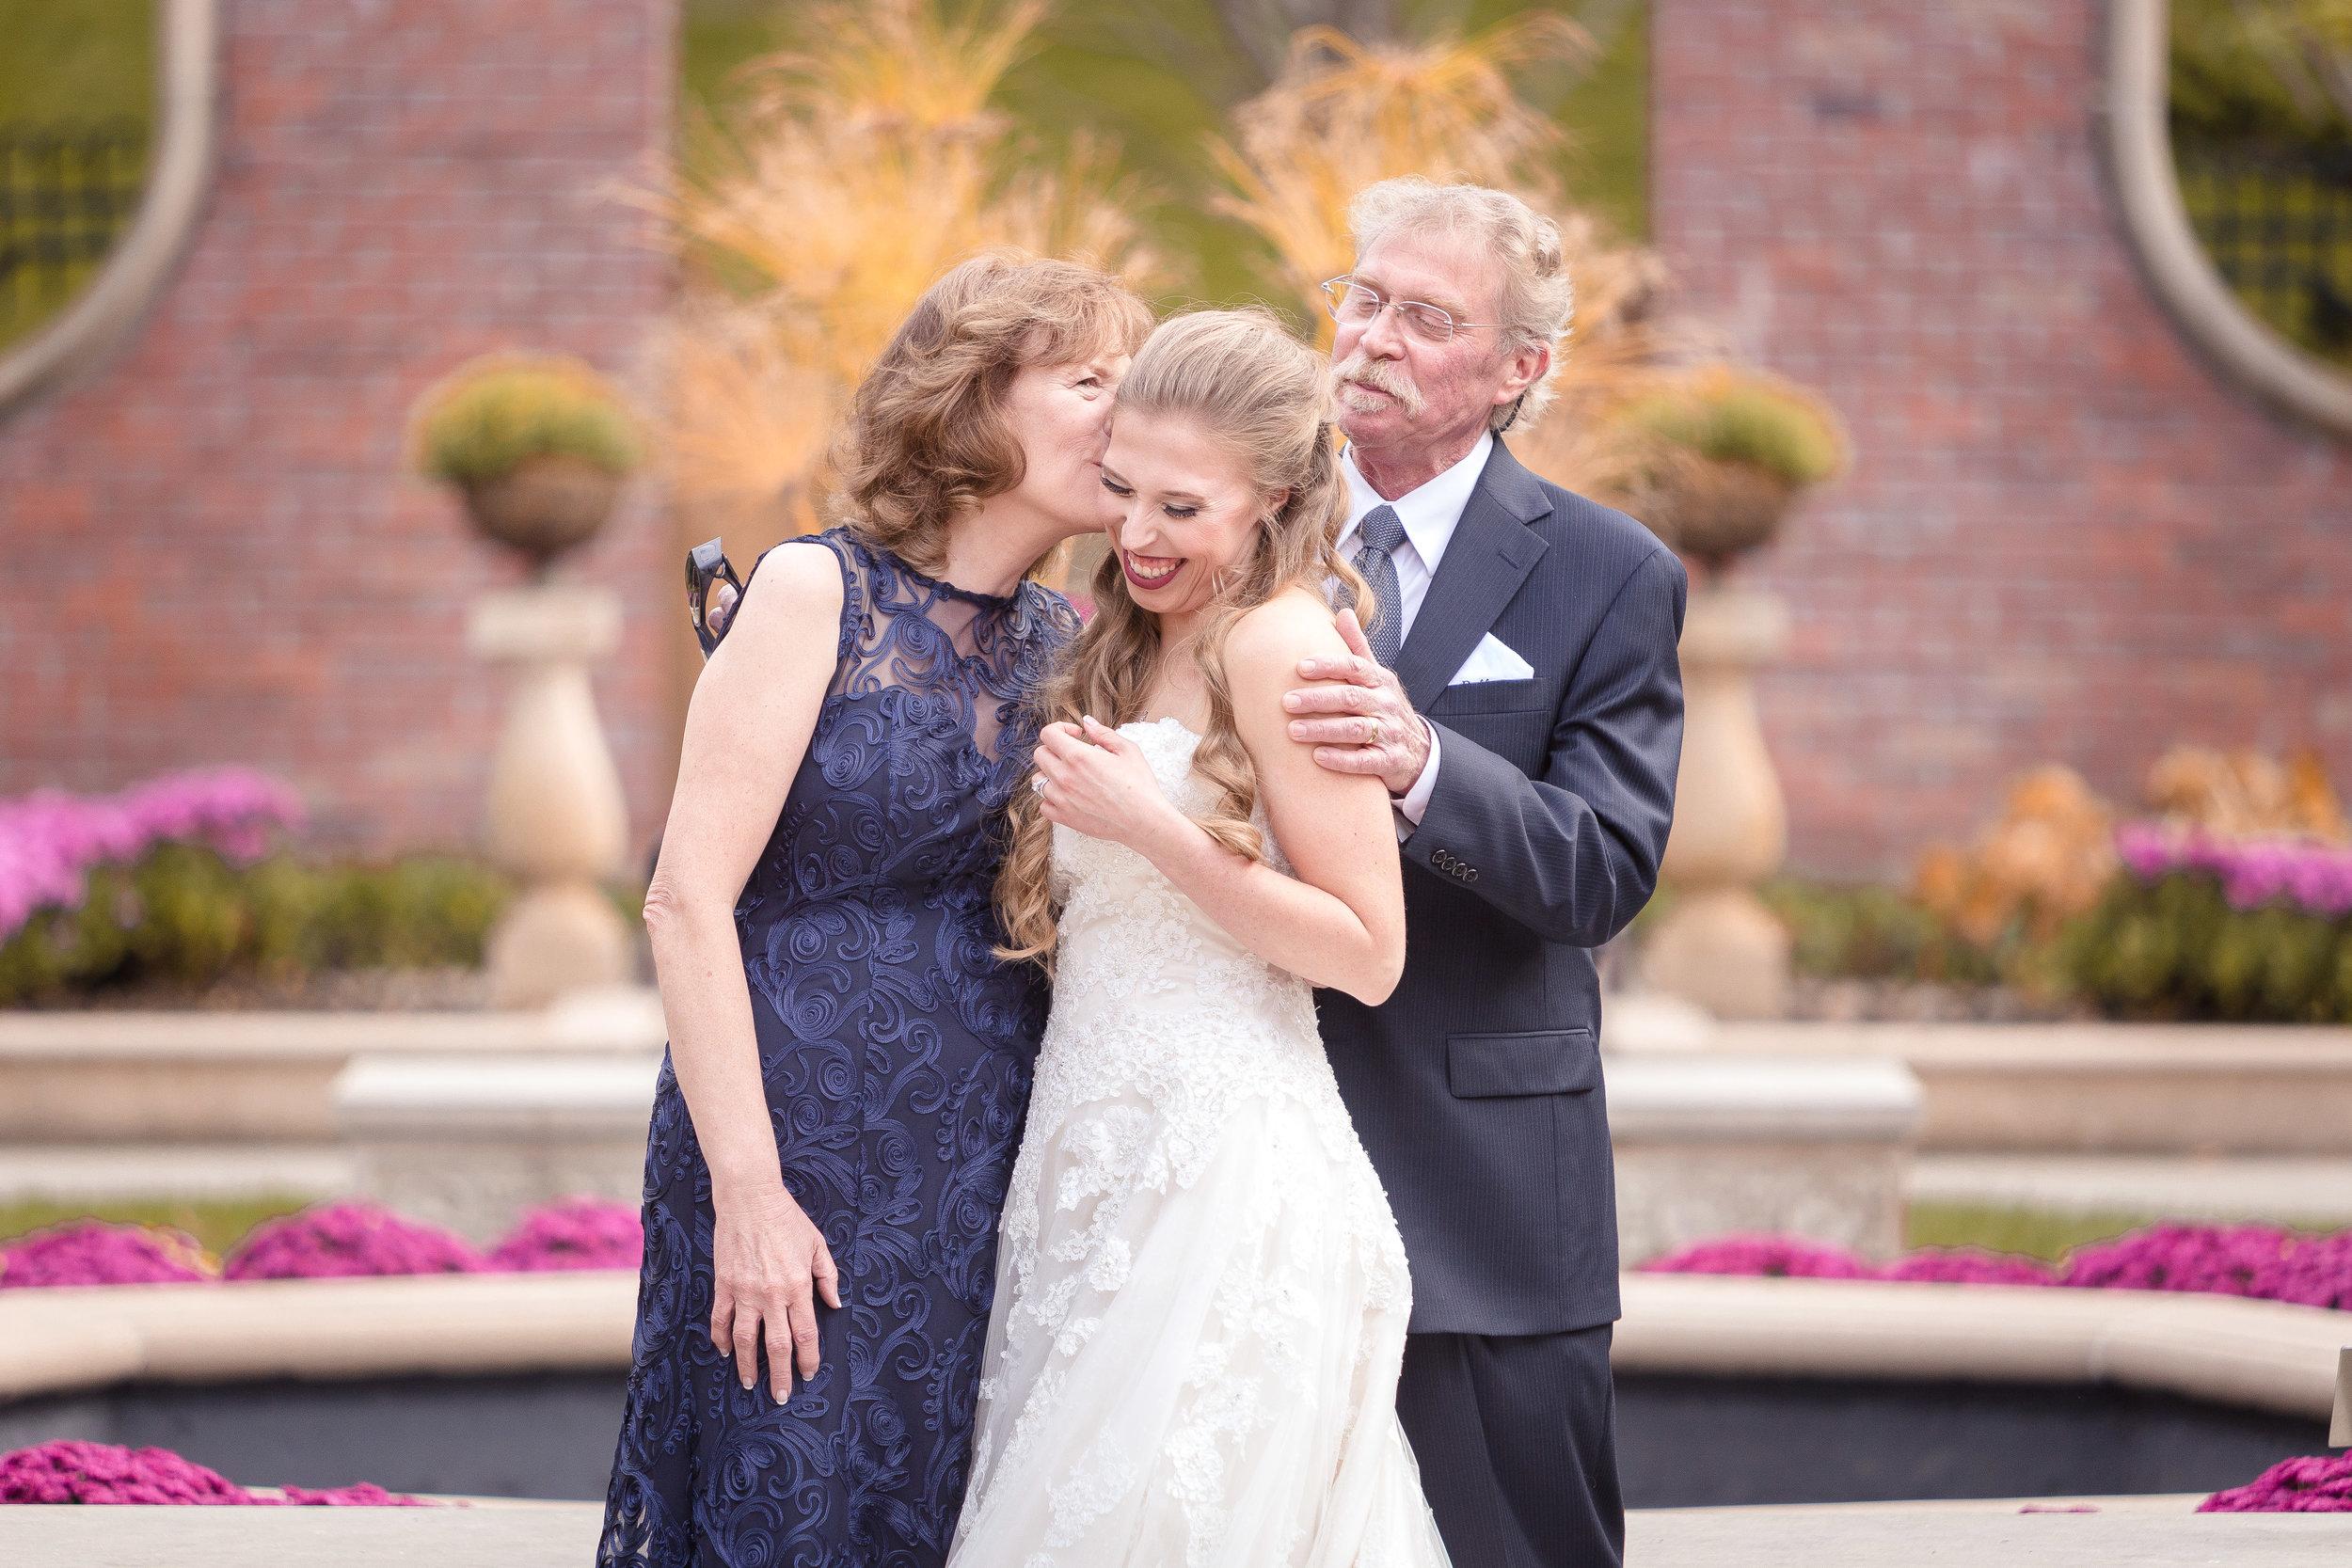 C_Wedding_Spellman, Megan & Tyler_10.27.18-896.JPG